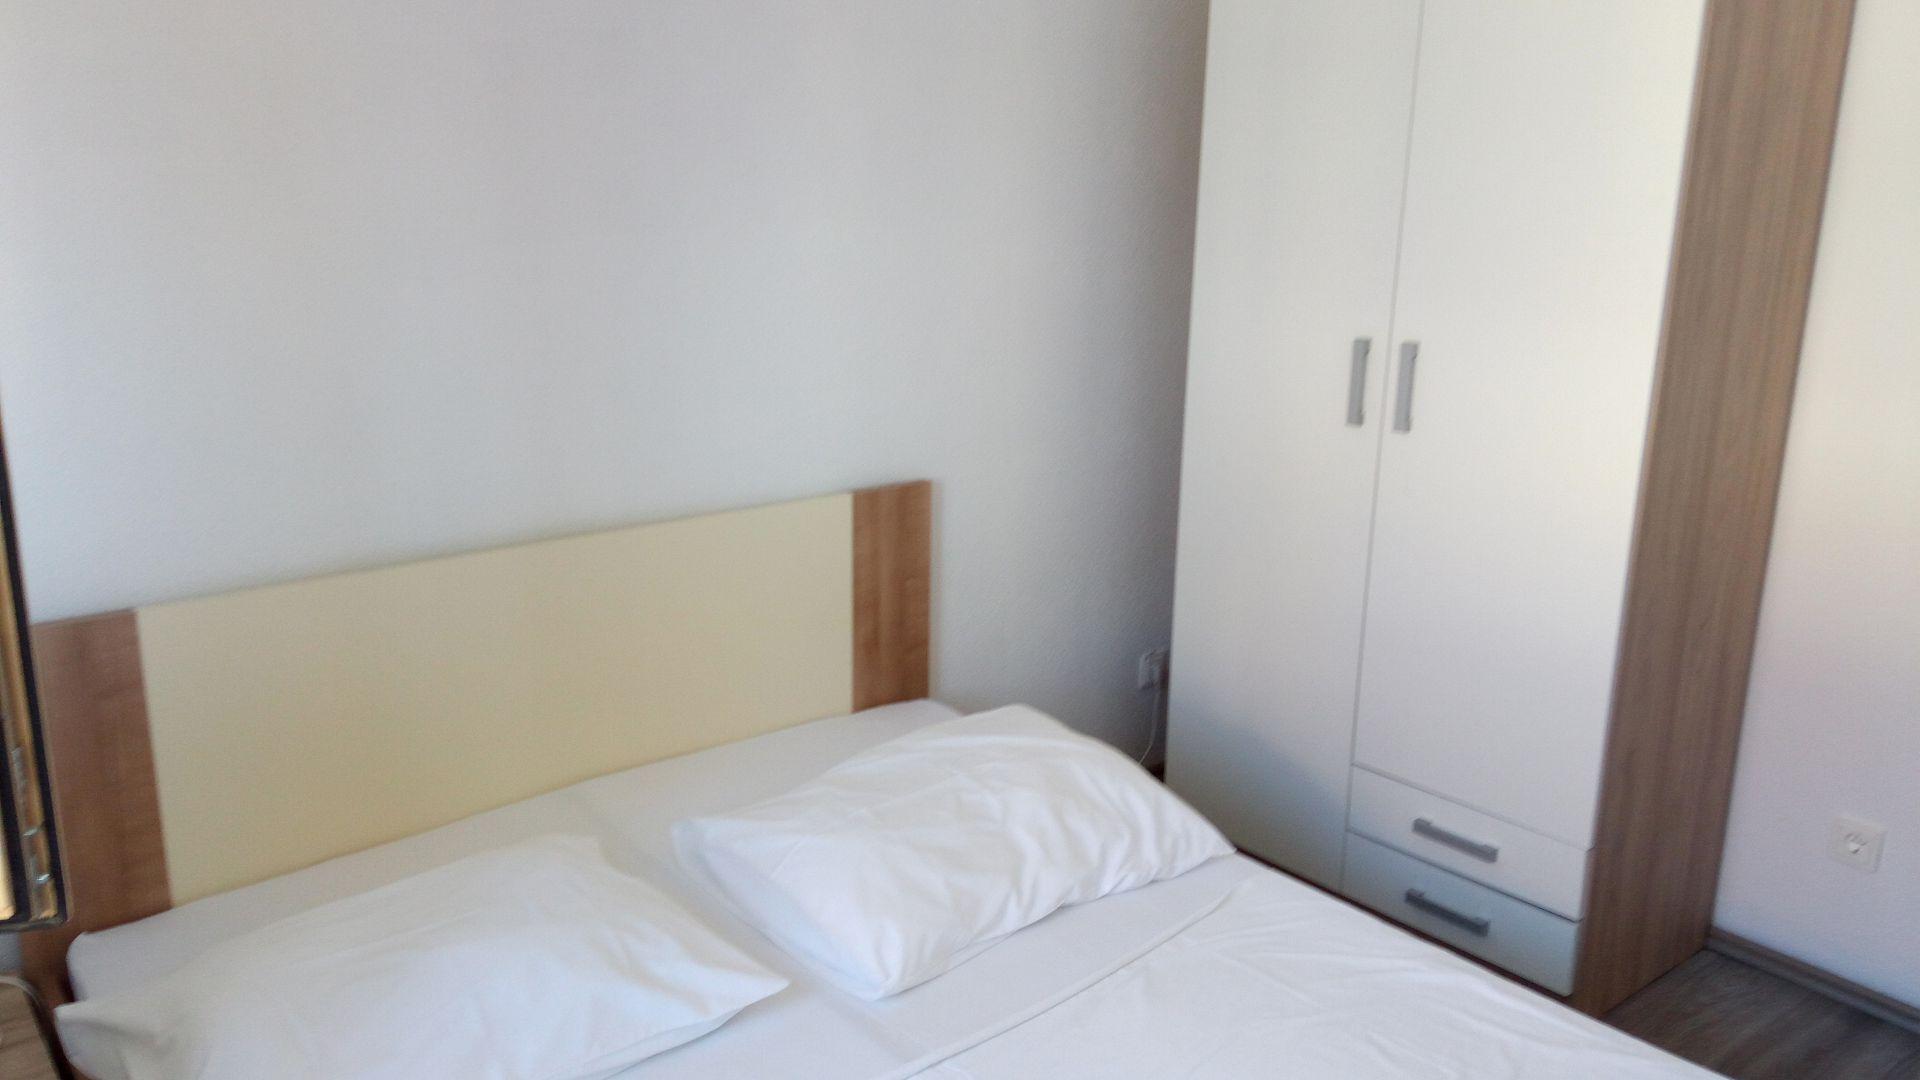 Marijica - Okrug Gornji - Ferienwohnungen Kroatien - A2(6): Schlafzimmer